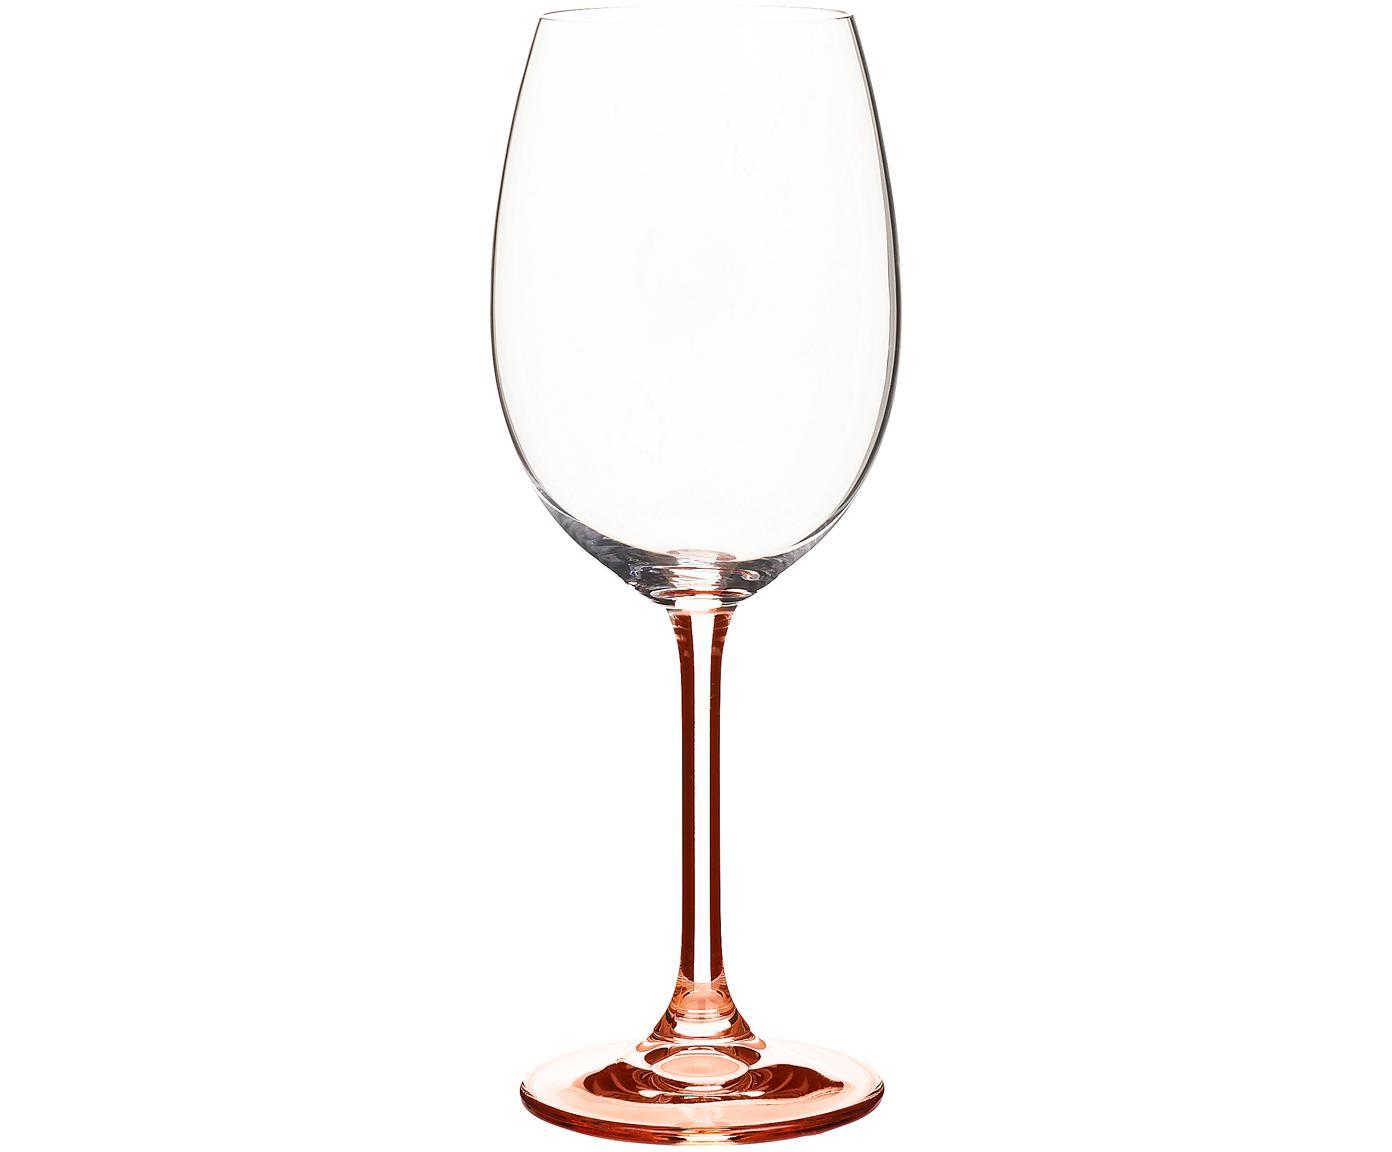 Rode wijnglazen Rose met rosékleurige steel, 4 stuks, Kristalglas, Transparant, roze, 450 ml